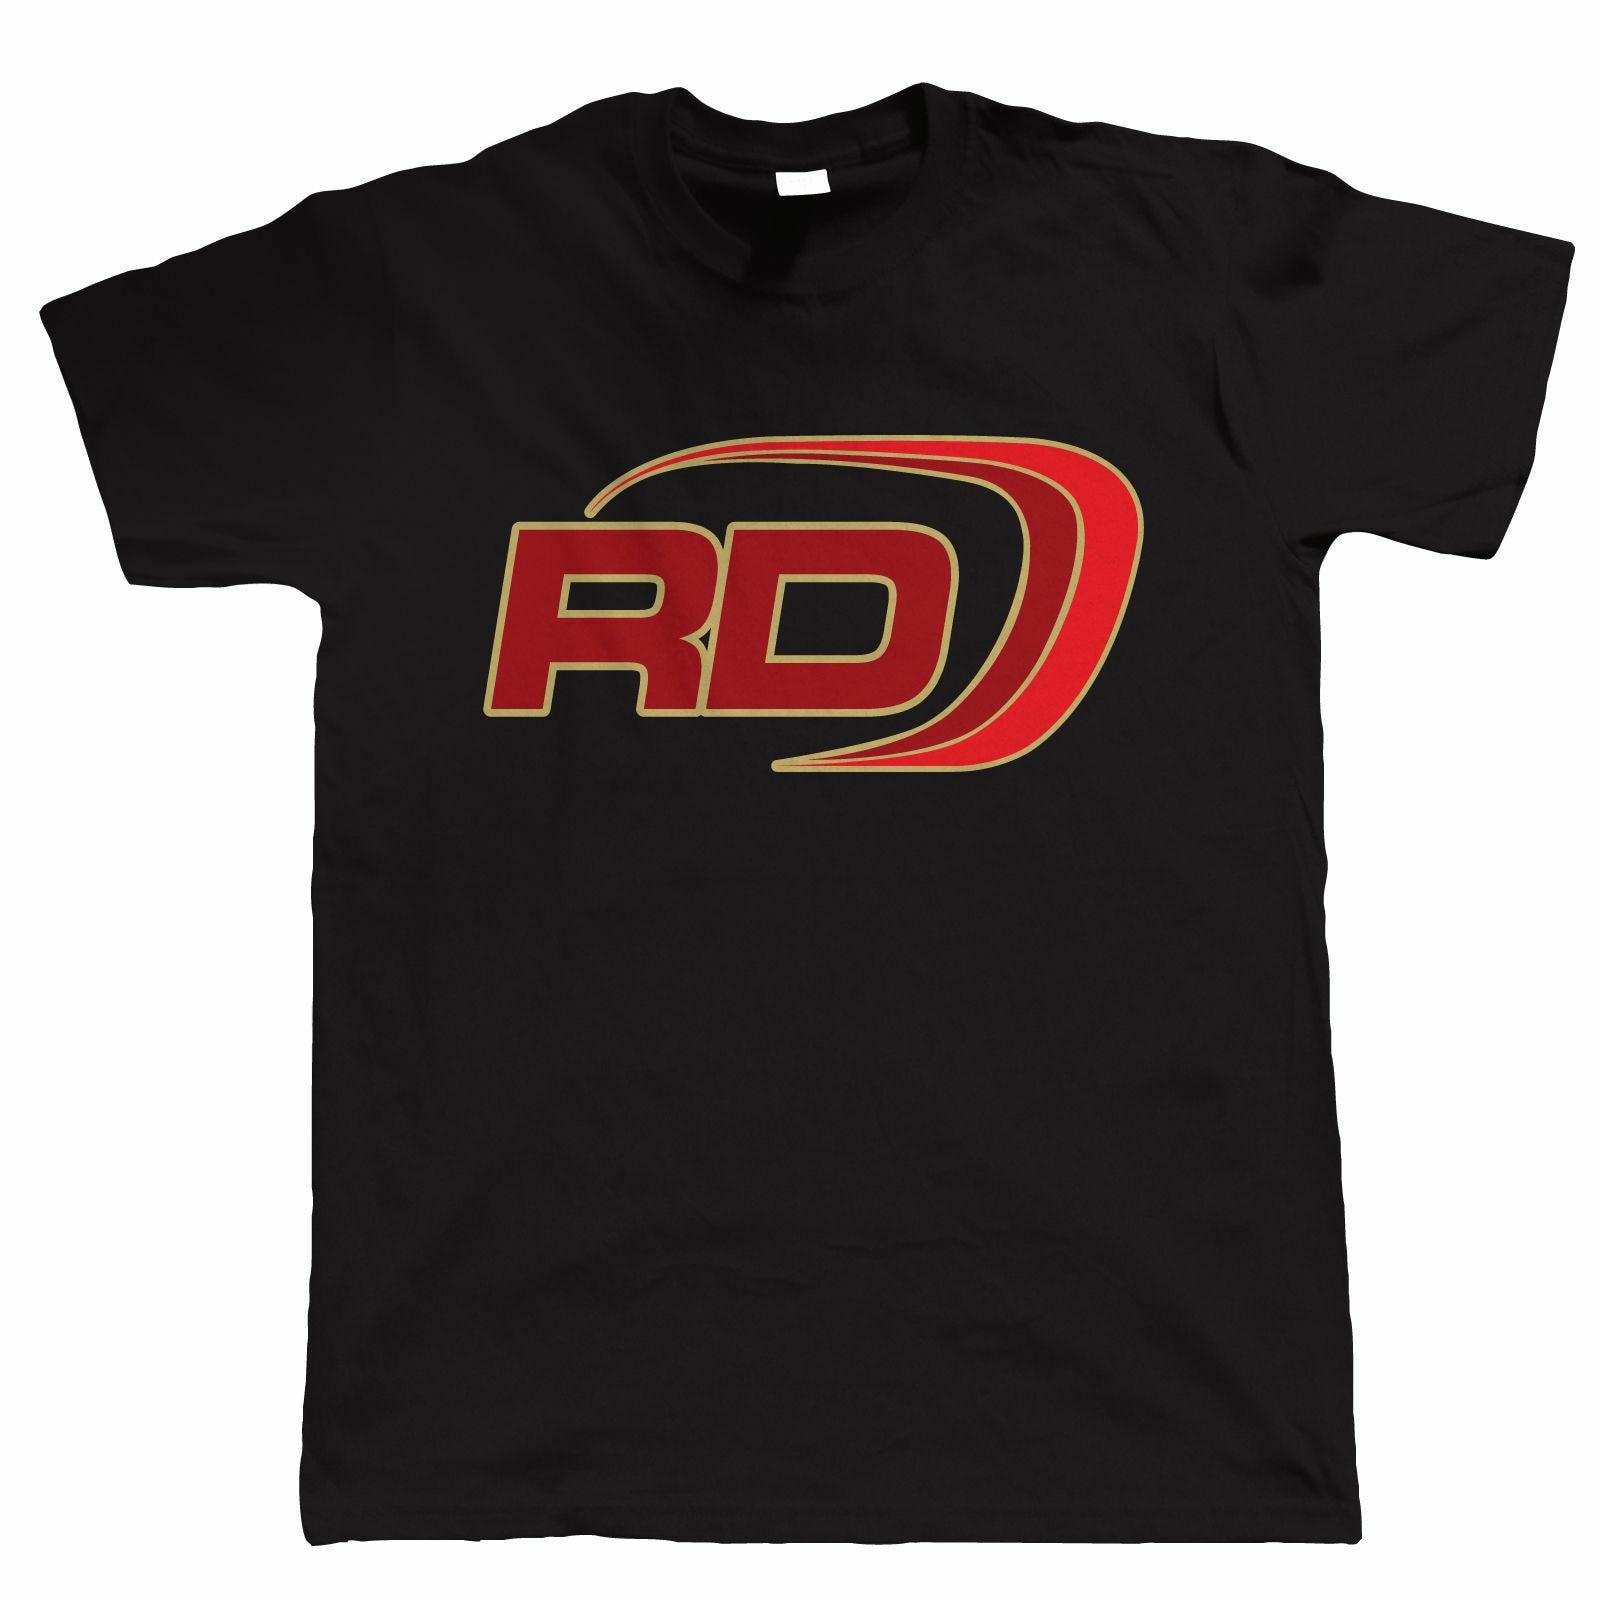 Dos tiempos Rd 250 350 Lc Mens T camisa regalo para papá nuevo verano de los hombres de la moda de algodón de manga corta Camiseta personalizar T camisas